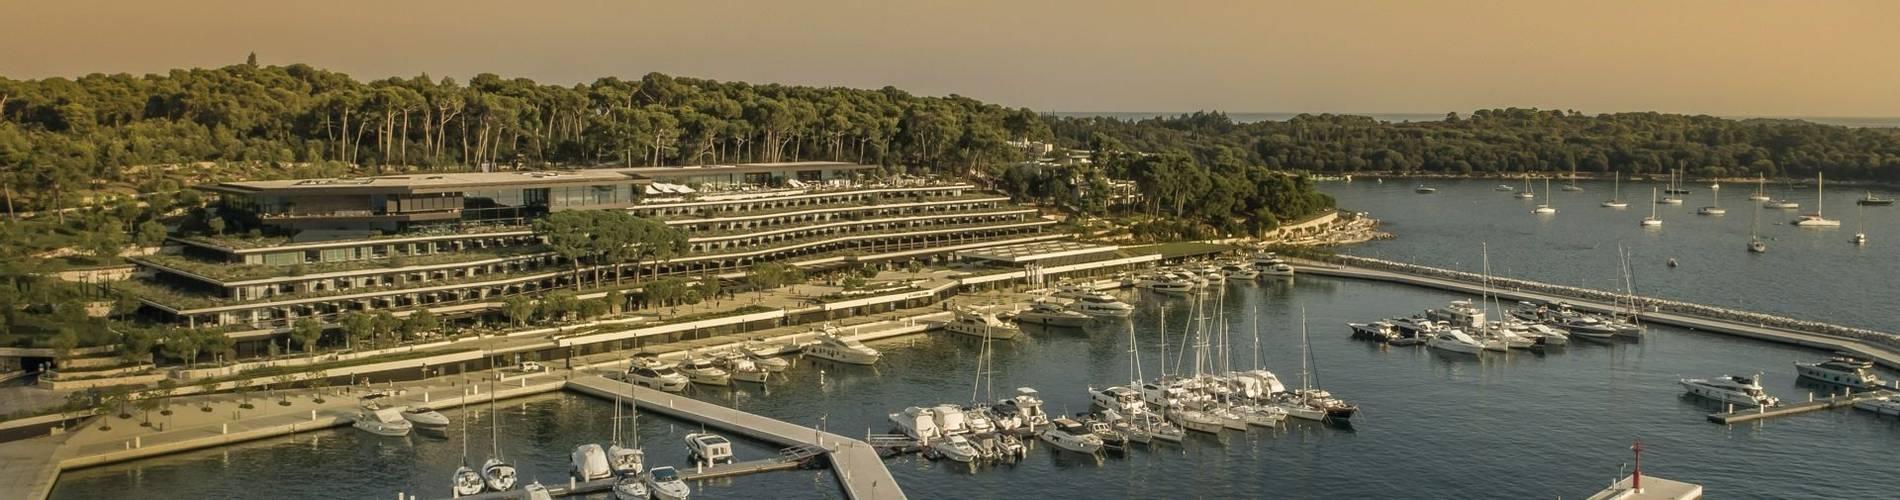 grand-park-hotel-rovinj-2.jpg